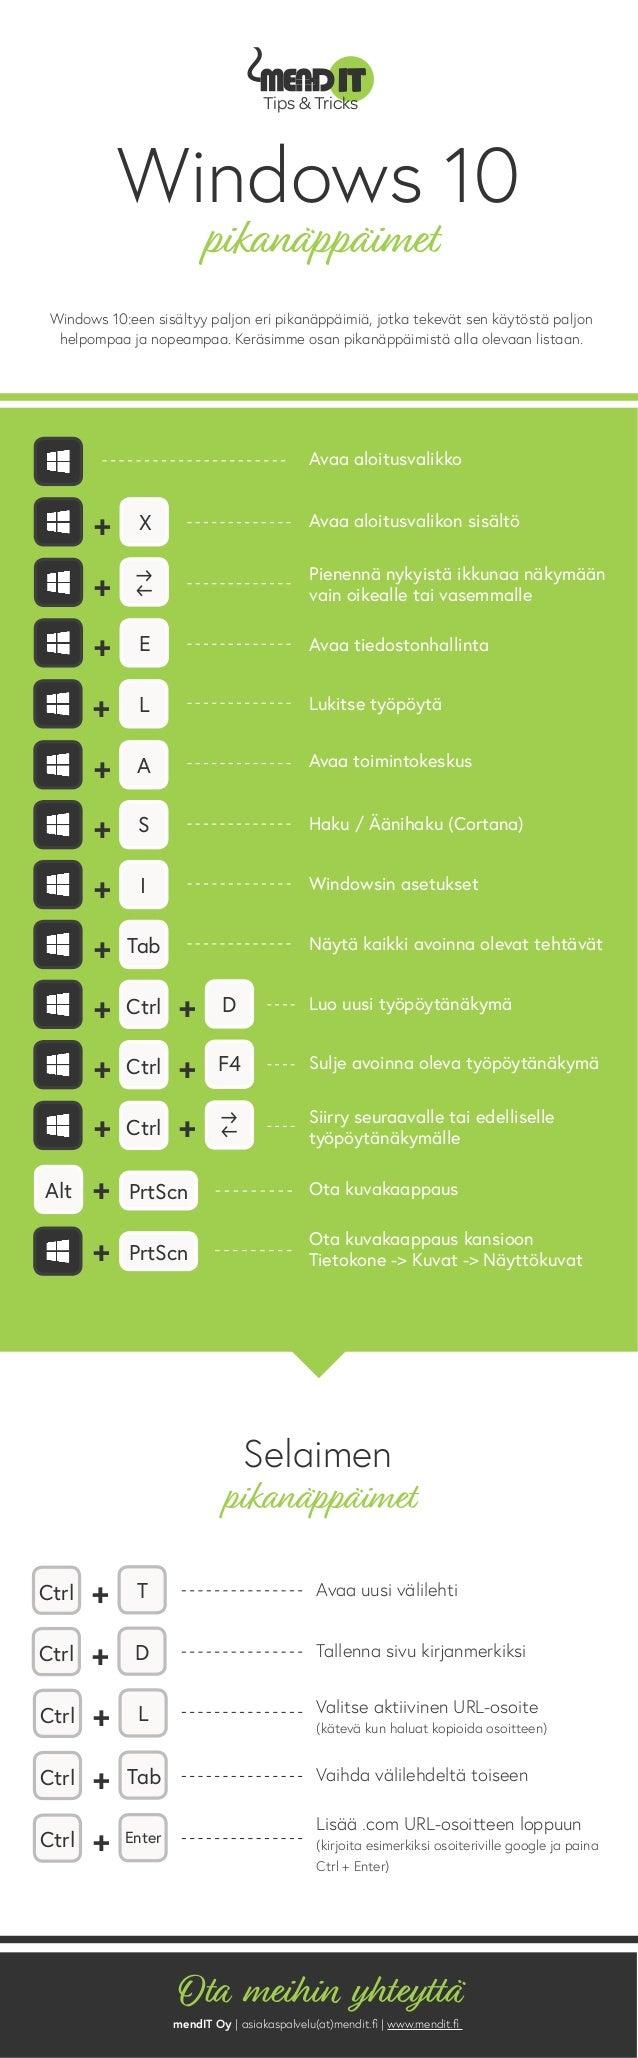 Windows 10 pikanäppäimet Tips & Tricks Windows 10:een sisältyy paljon eri pikanäppäimiä, jotka tekevät sen käytöstä paljon...